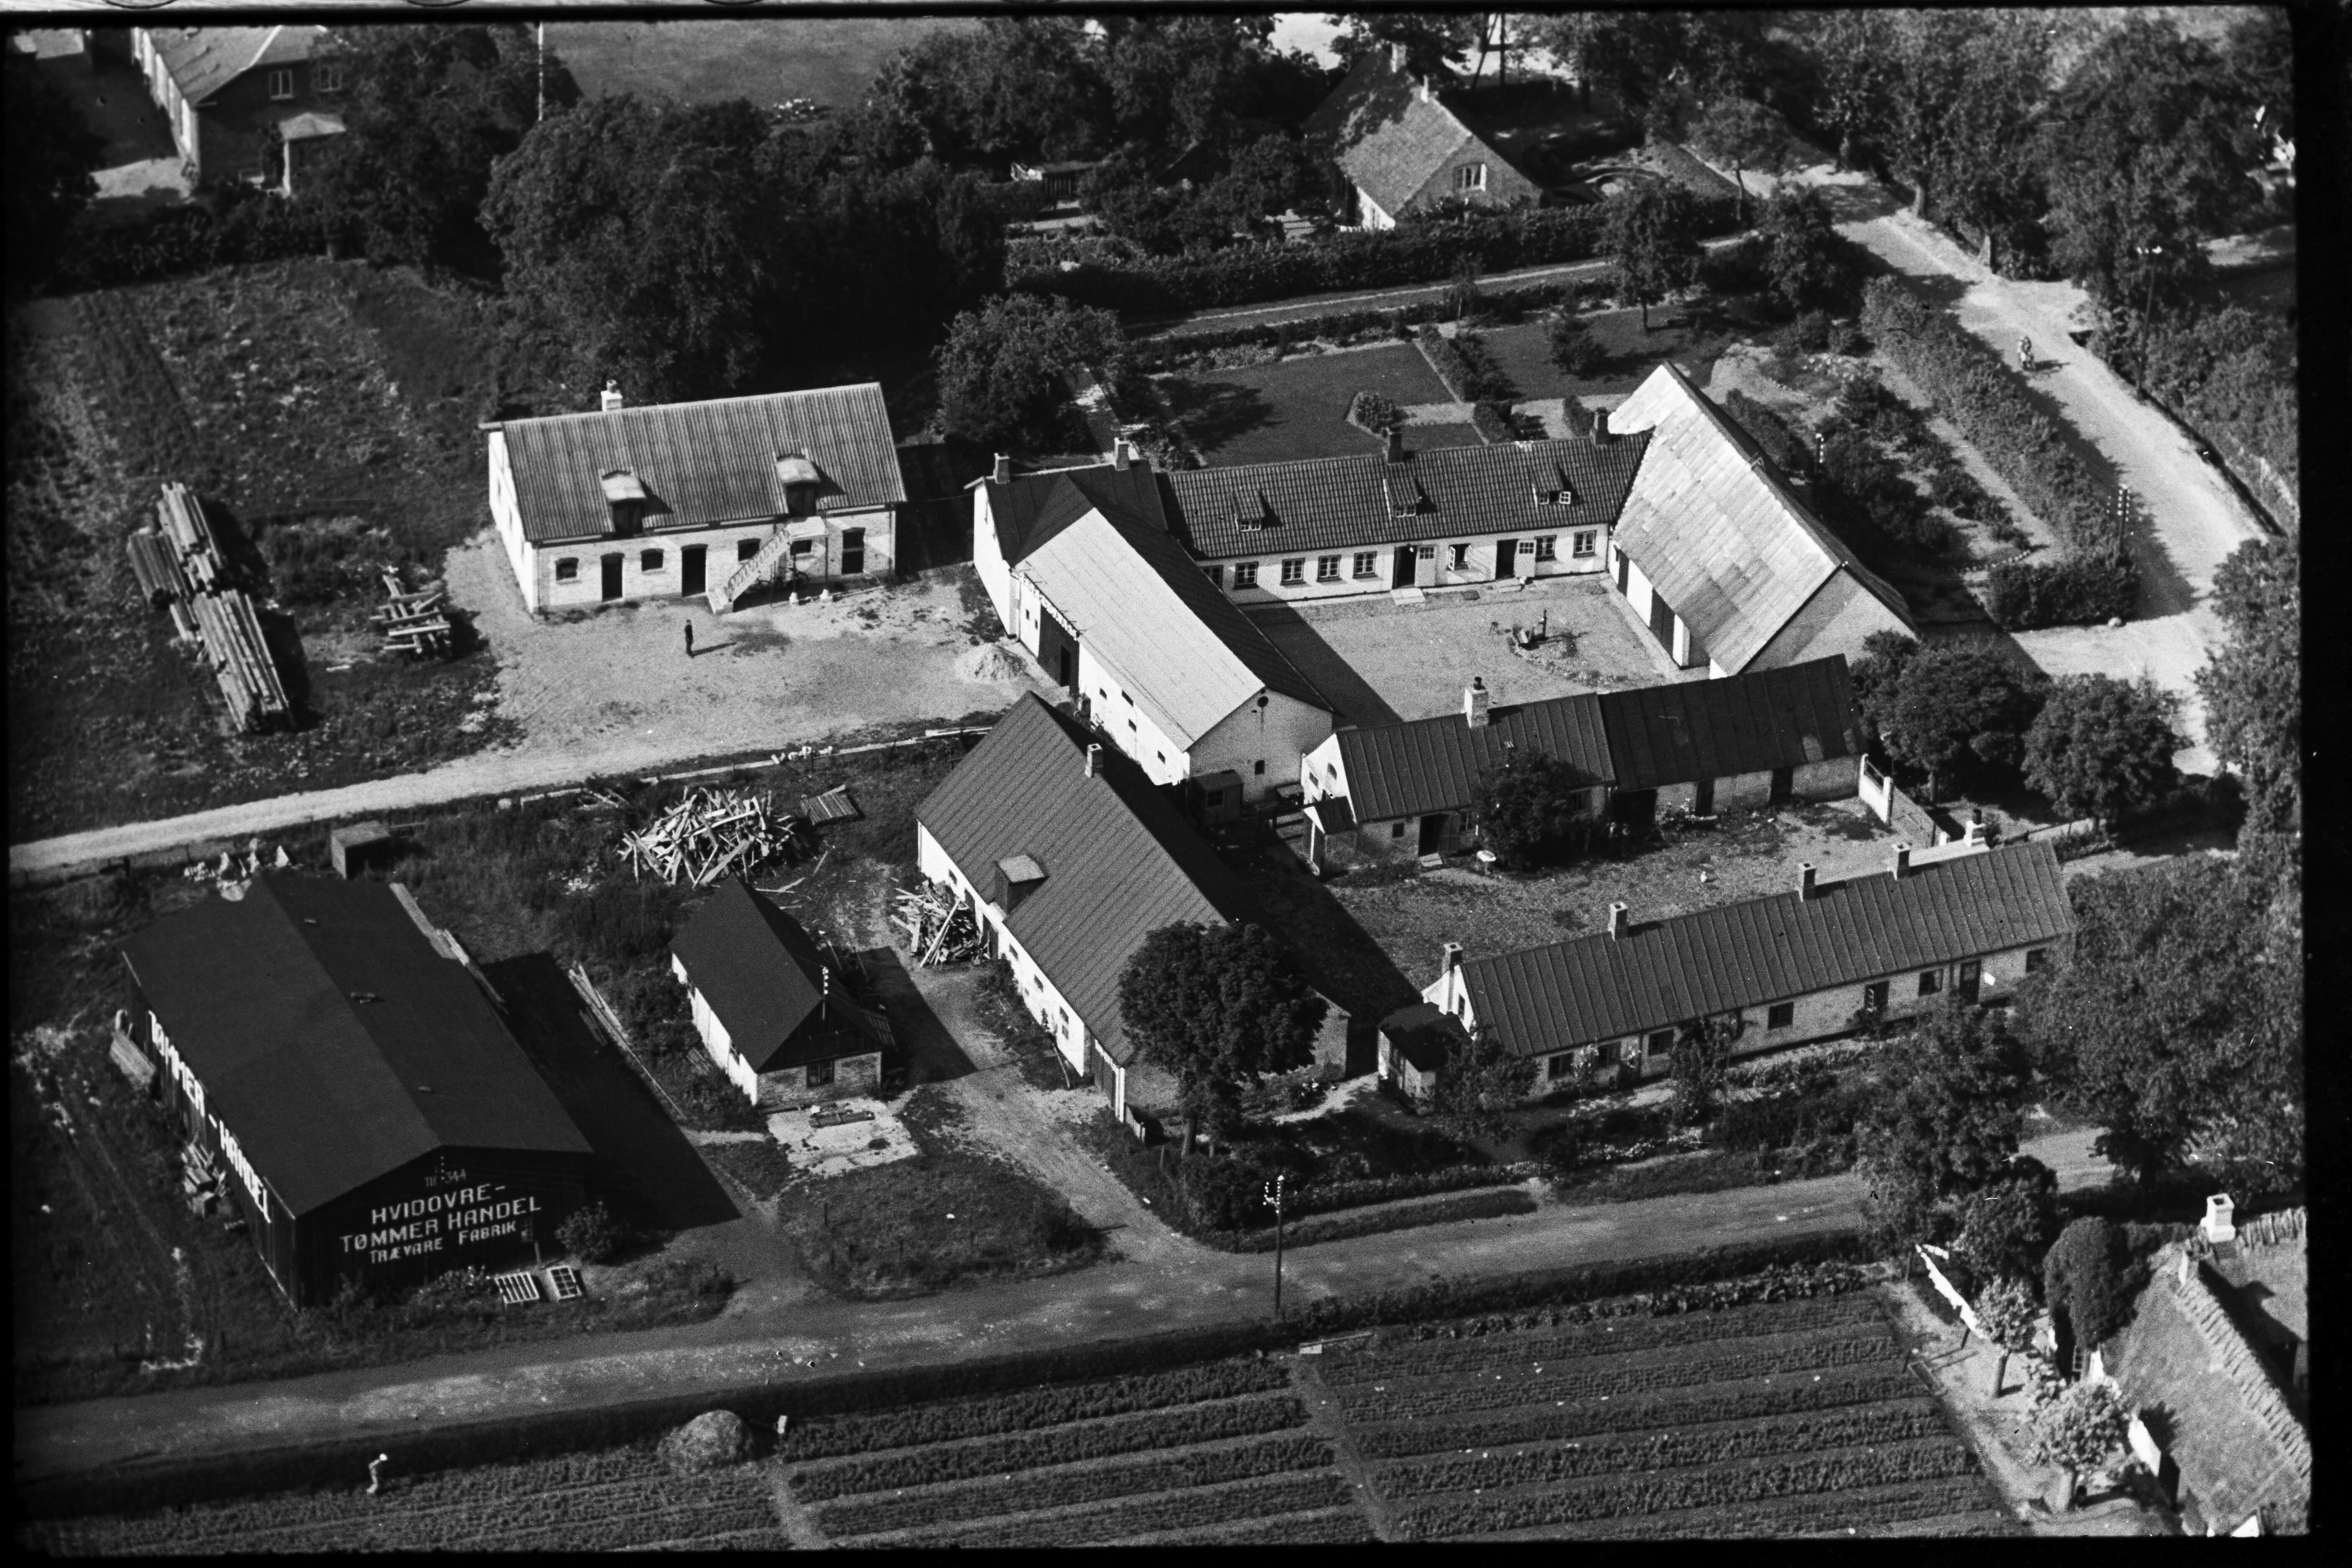 Skråfoto fra 1936-1938 taget 39 meter fra Baunebakkevej 41